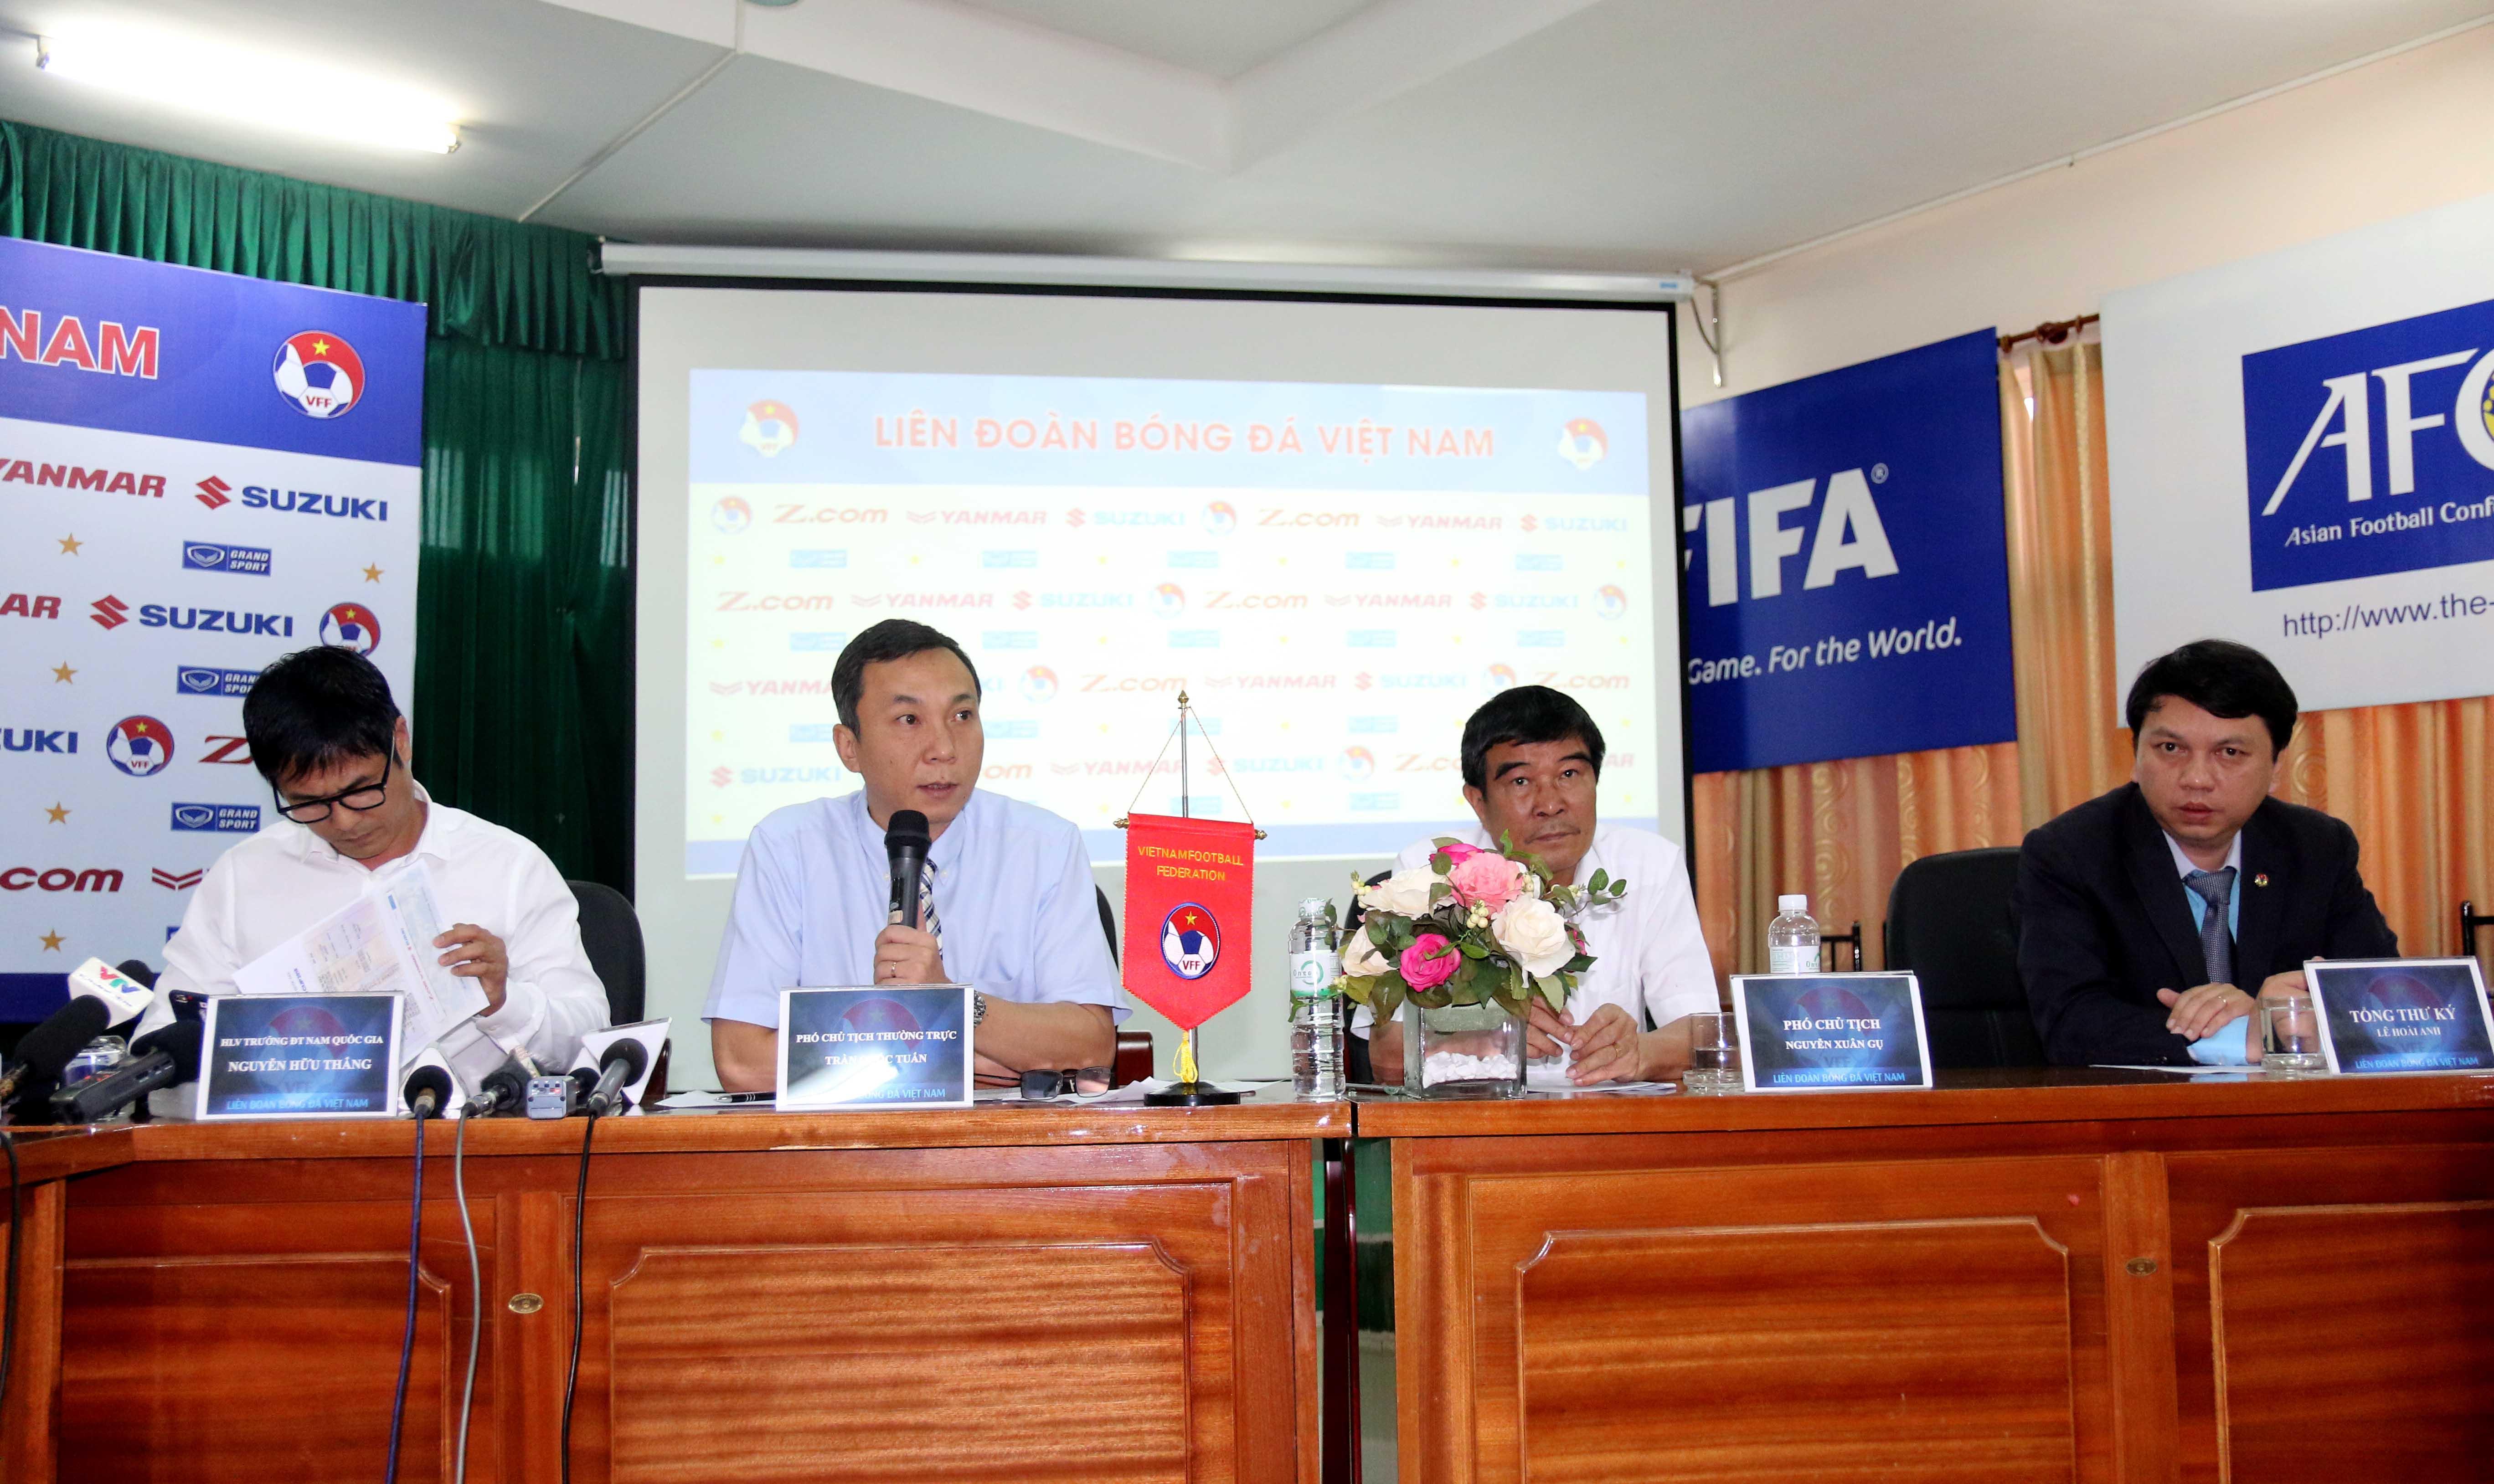 Công bố danh sách tập trung ĐTQG chuẩn bị cho AFF Suzuki Cup 2016